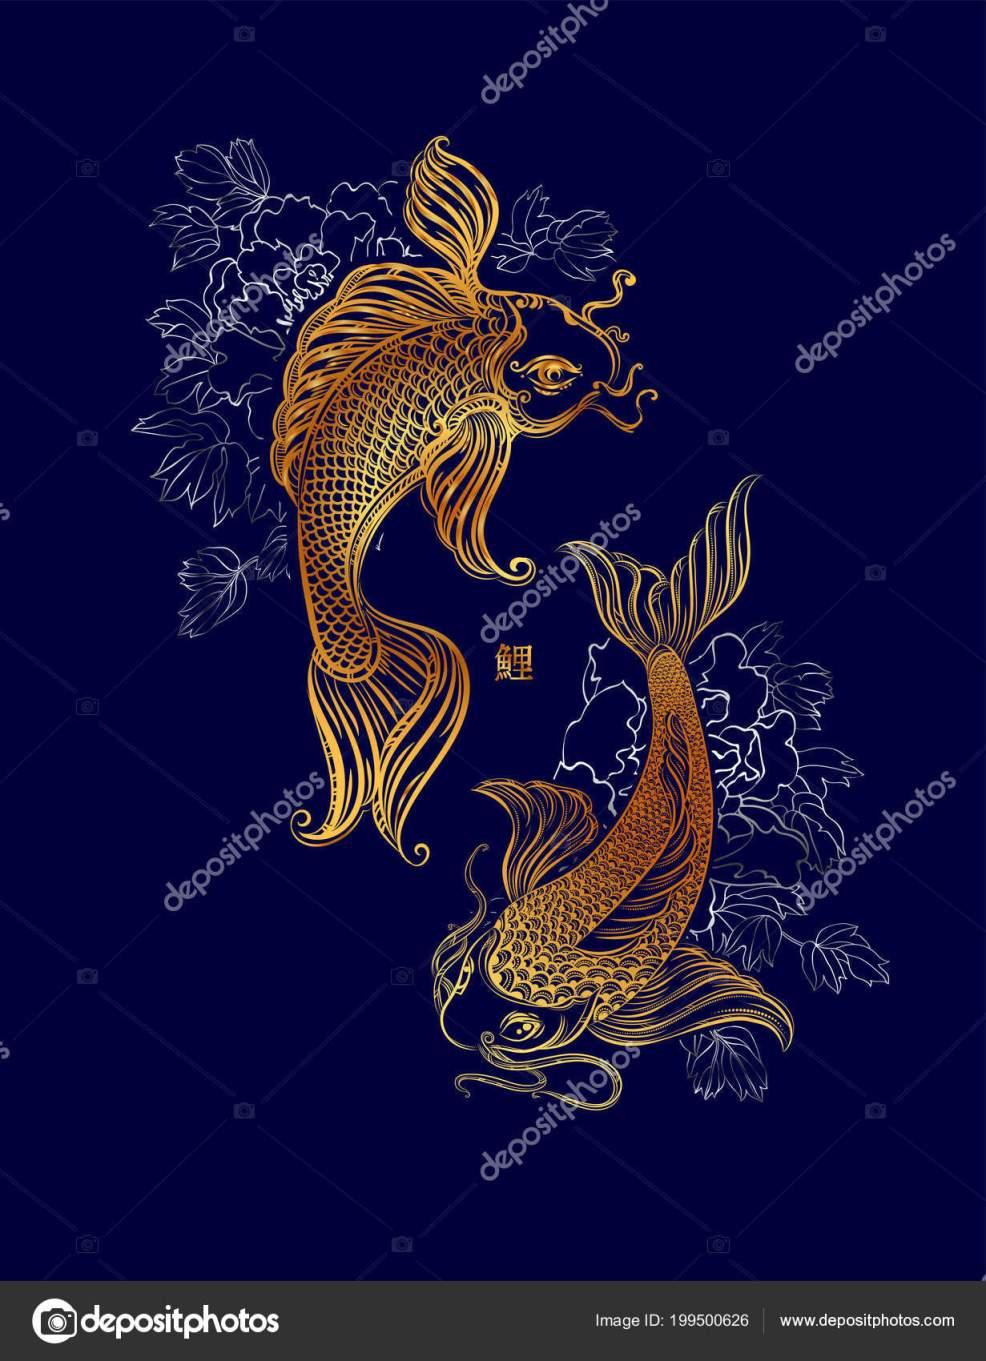 Koi карп хризантемы азиатских духовные символы золотая рыбка